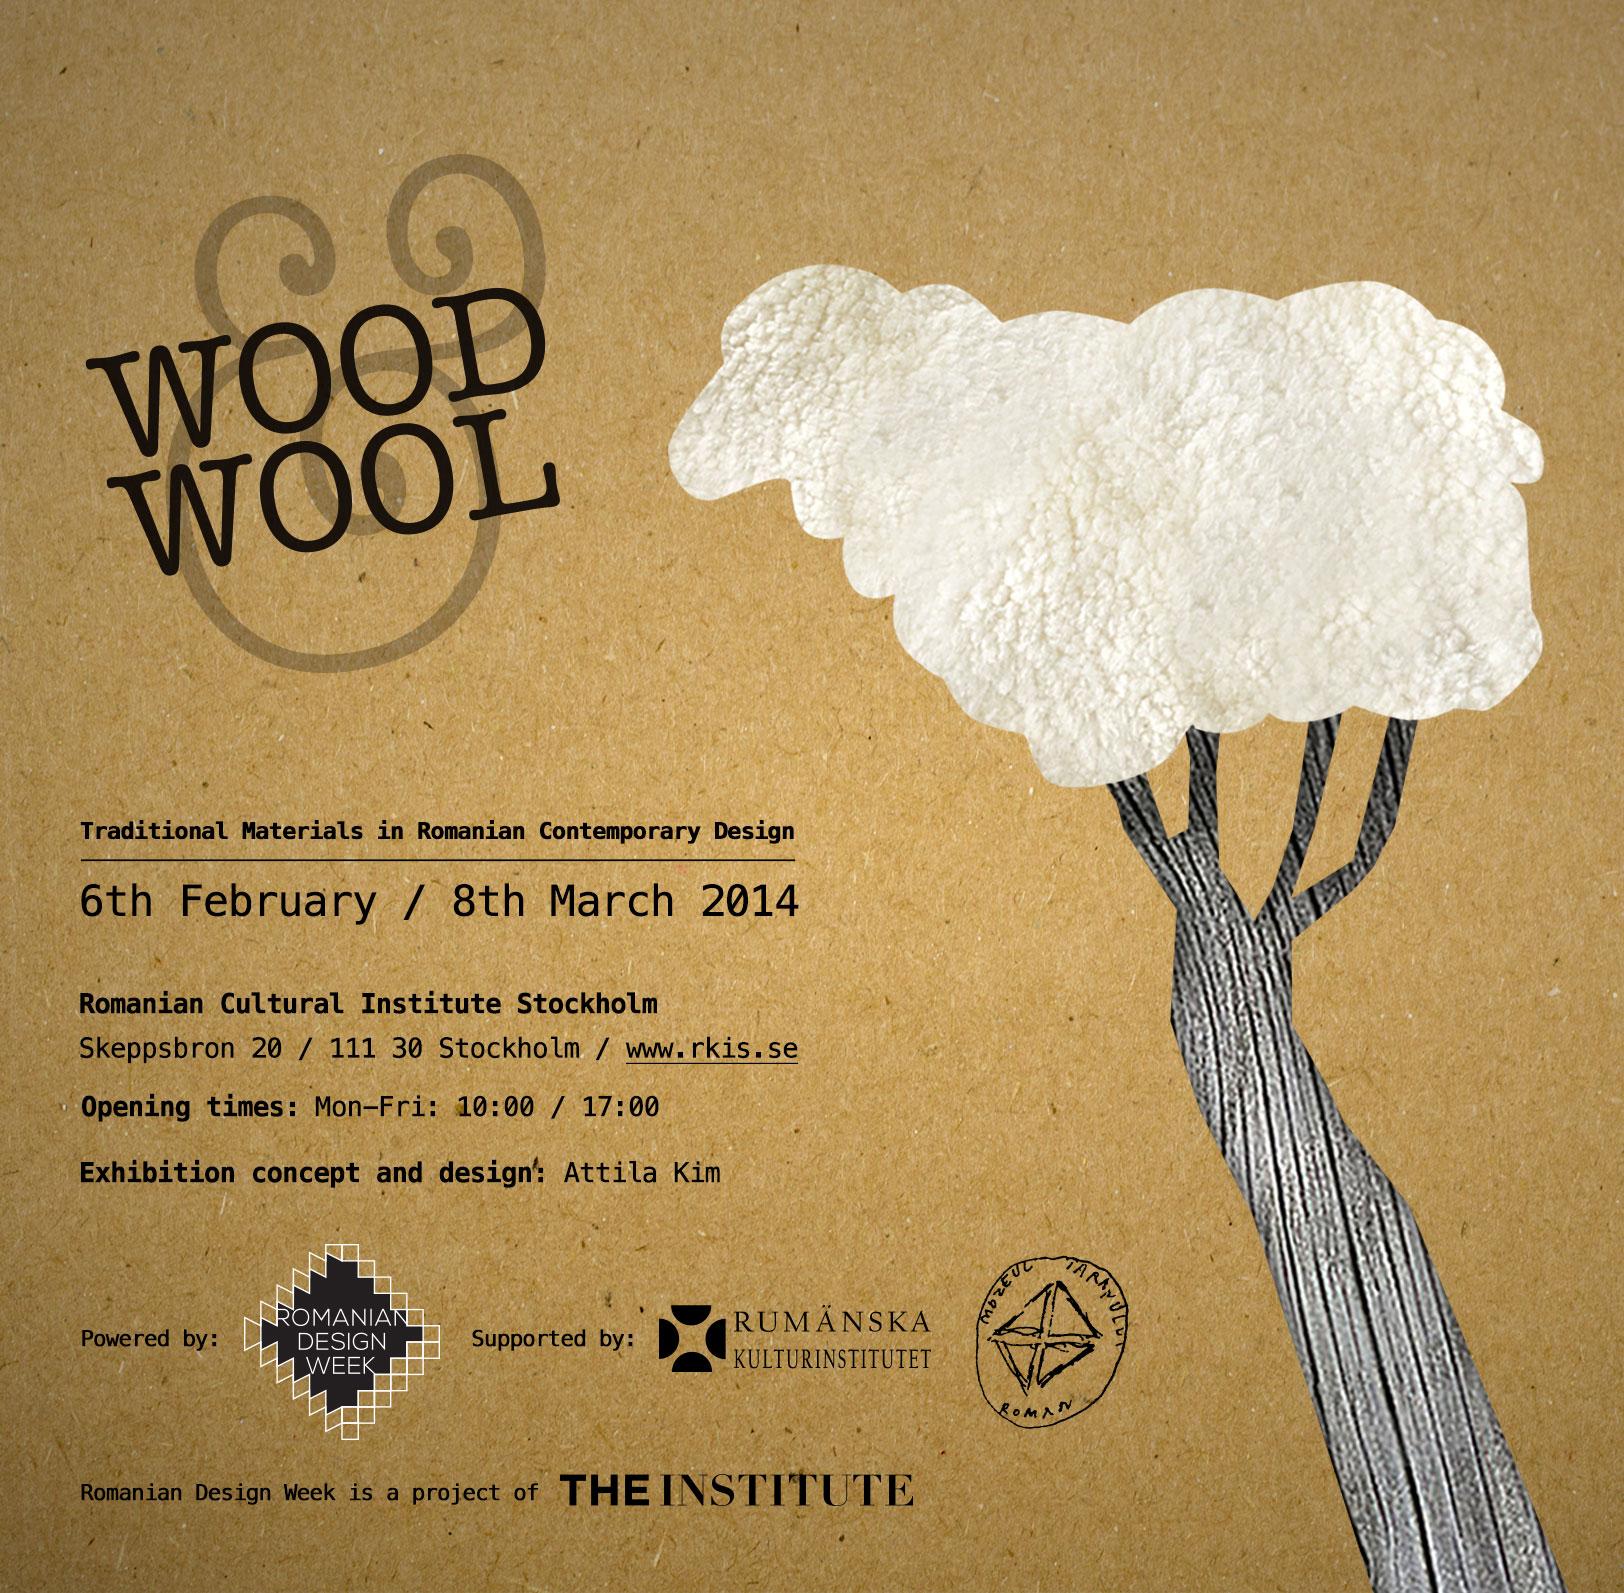 Wood&Wool